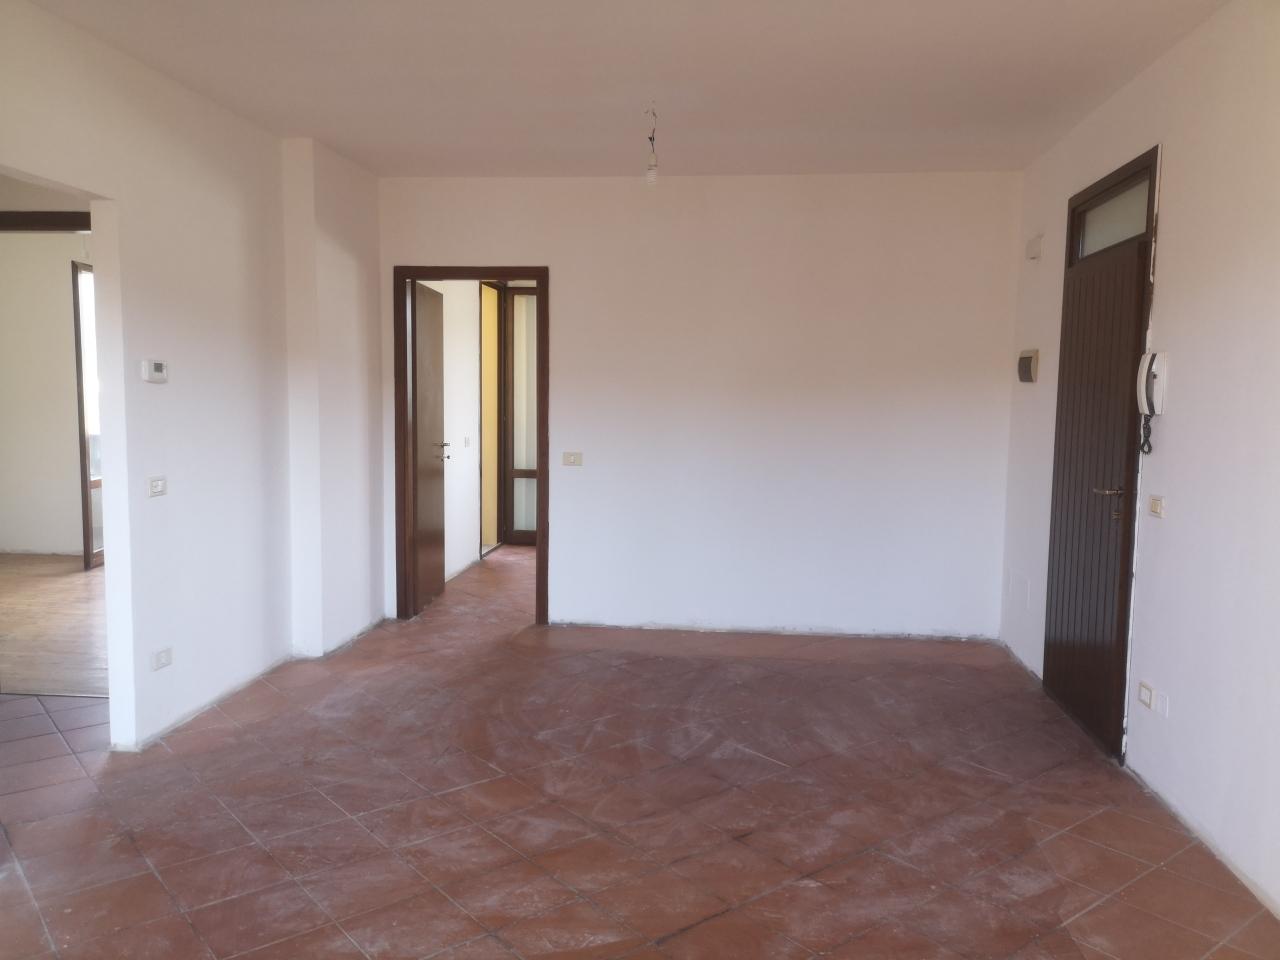 Appartamento in vendita a Rufina, 4 locali, prezzo € 137.000 | PortaleAgenzieImmobiliari.it